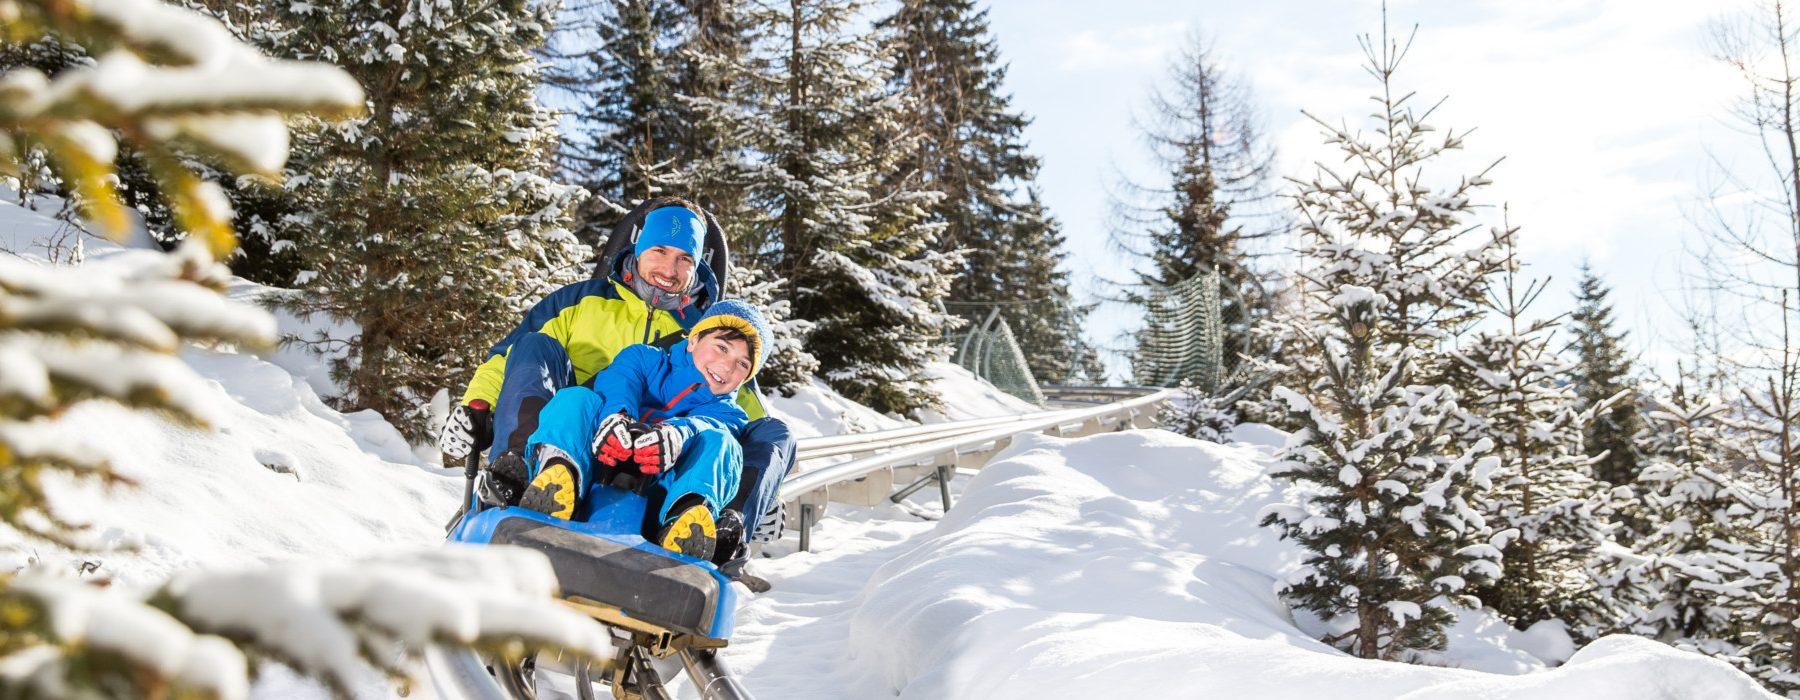 bob su rotaia alpine-coaster-gardonè-inverno-predazzo-val-di-fiemme trentino